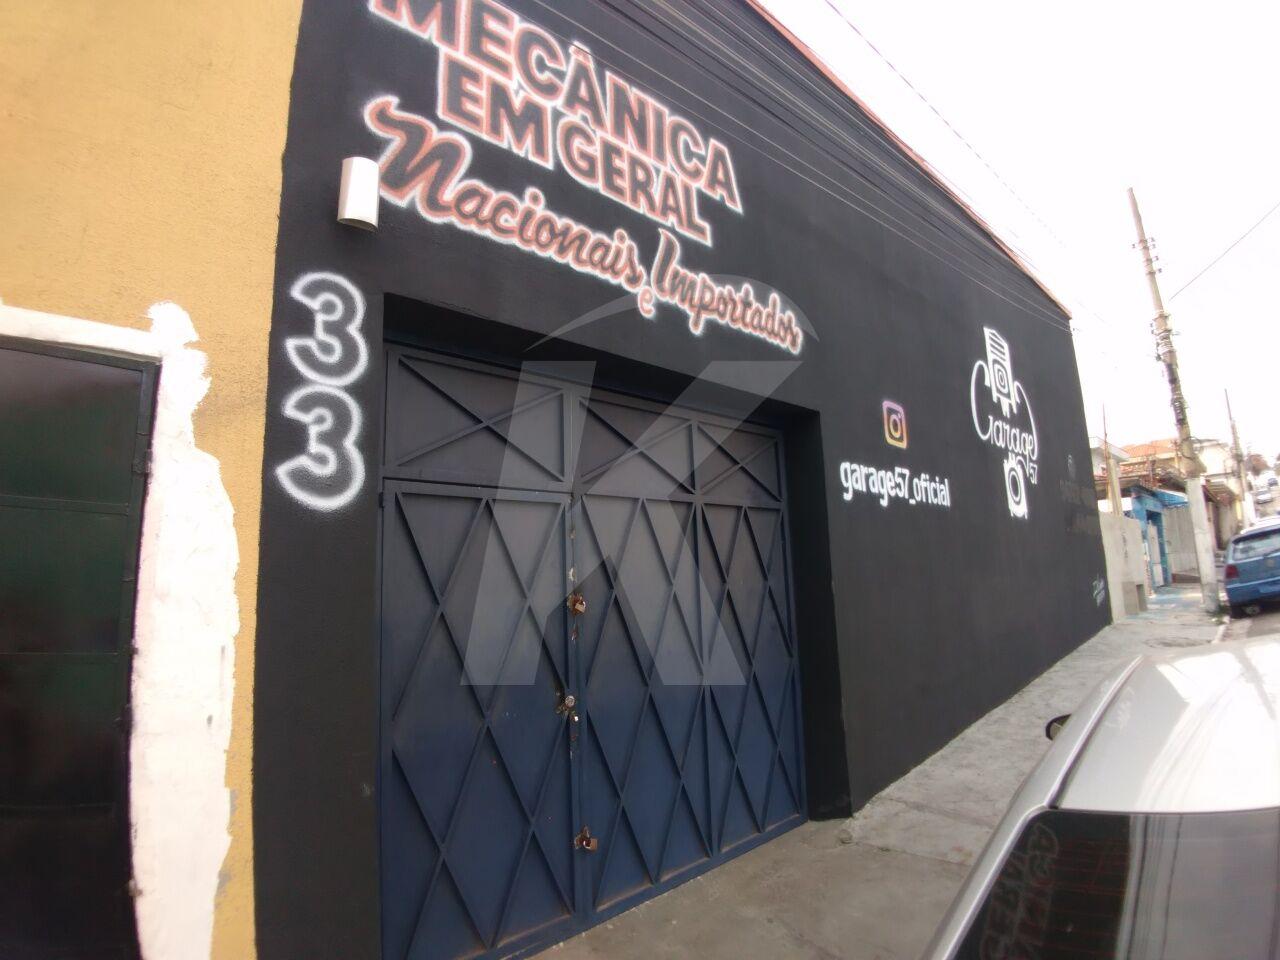 Alugar - Comercial - Vila Dom Pedro II - 0 dormitórios.